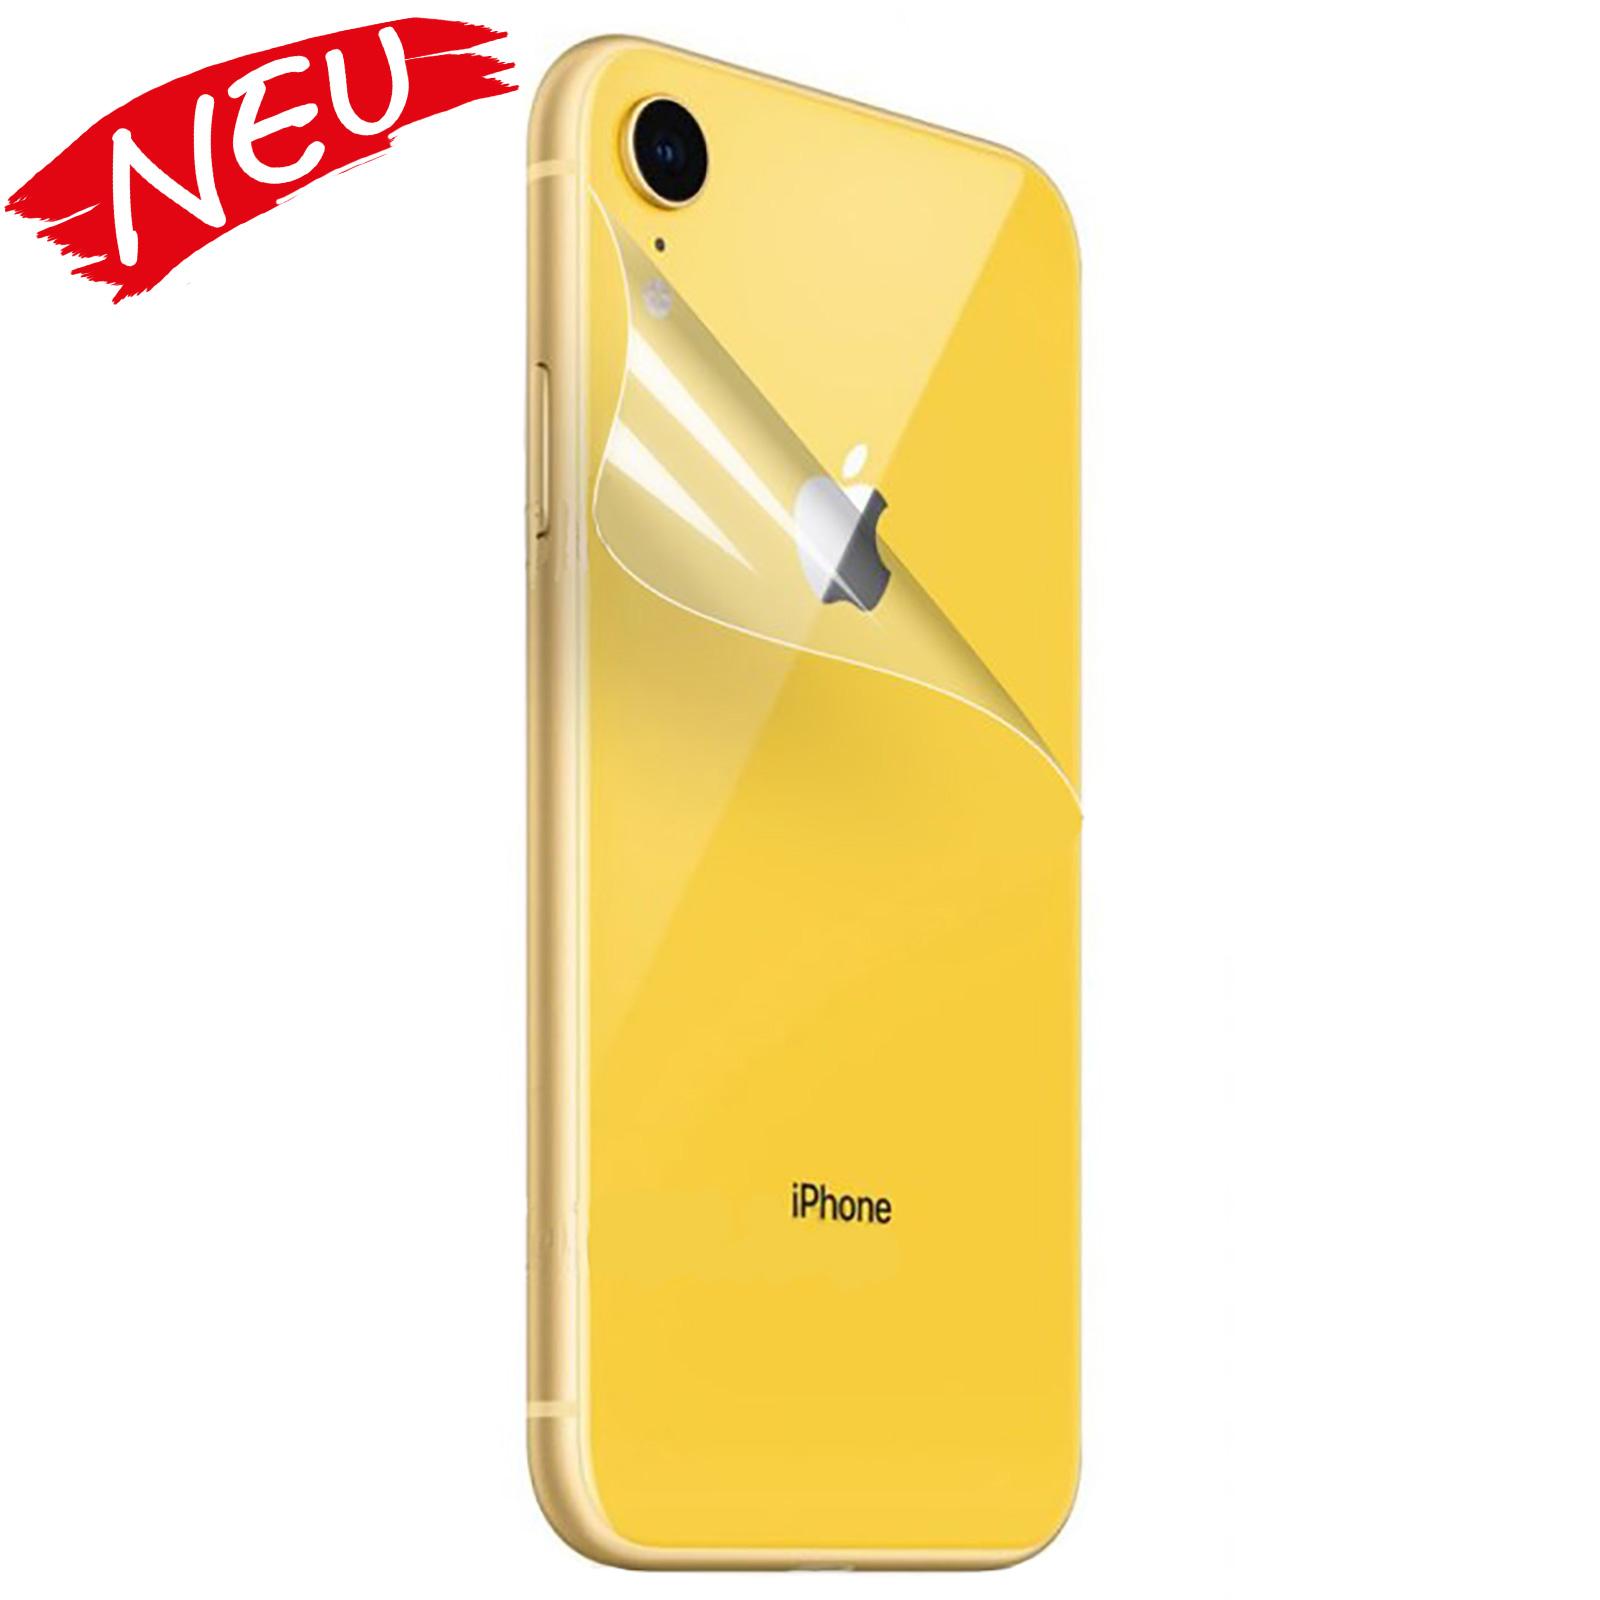 Apple iPhone XR - Schutzfolie Rückseite - klar